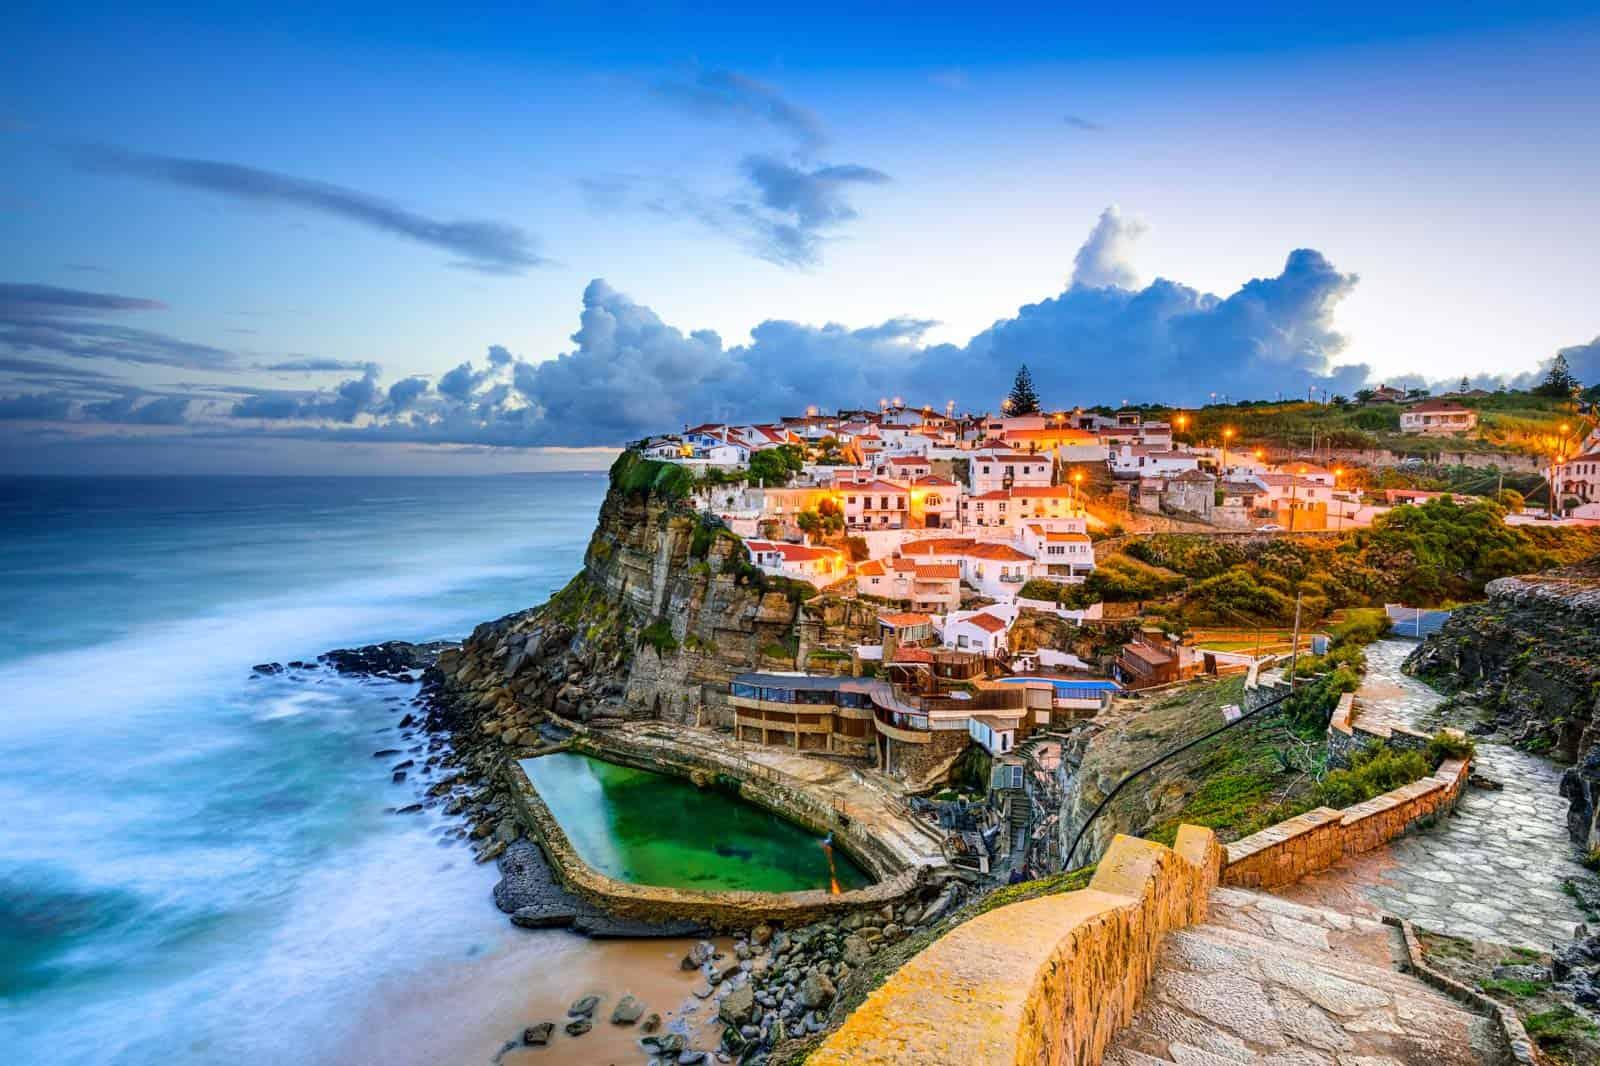 Portugal se supera e em 2018 recebeu 22,8 milhões de turistas estrangeiros, fora o turismo interno